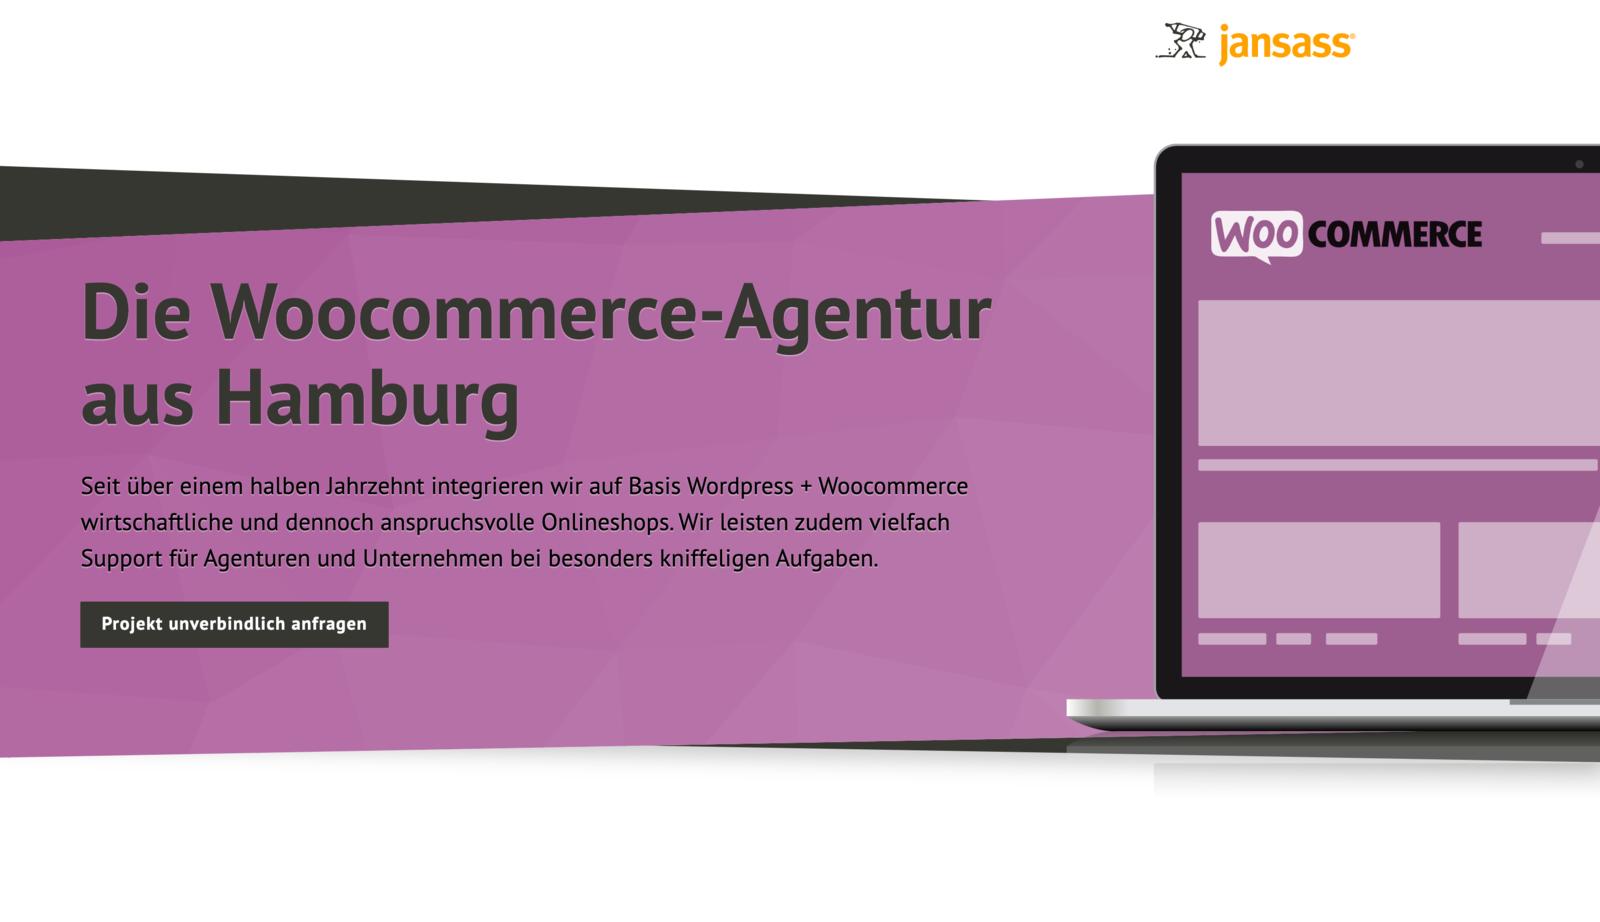 WooCommerce Grundlagen – Wichtige Hinweise und Vorteile des verbreiteten Onlineshop-Systems